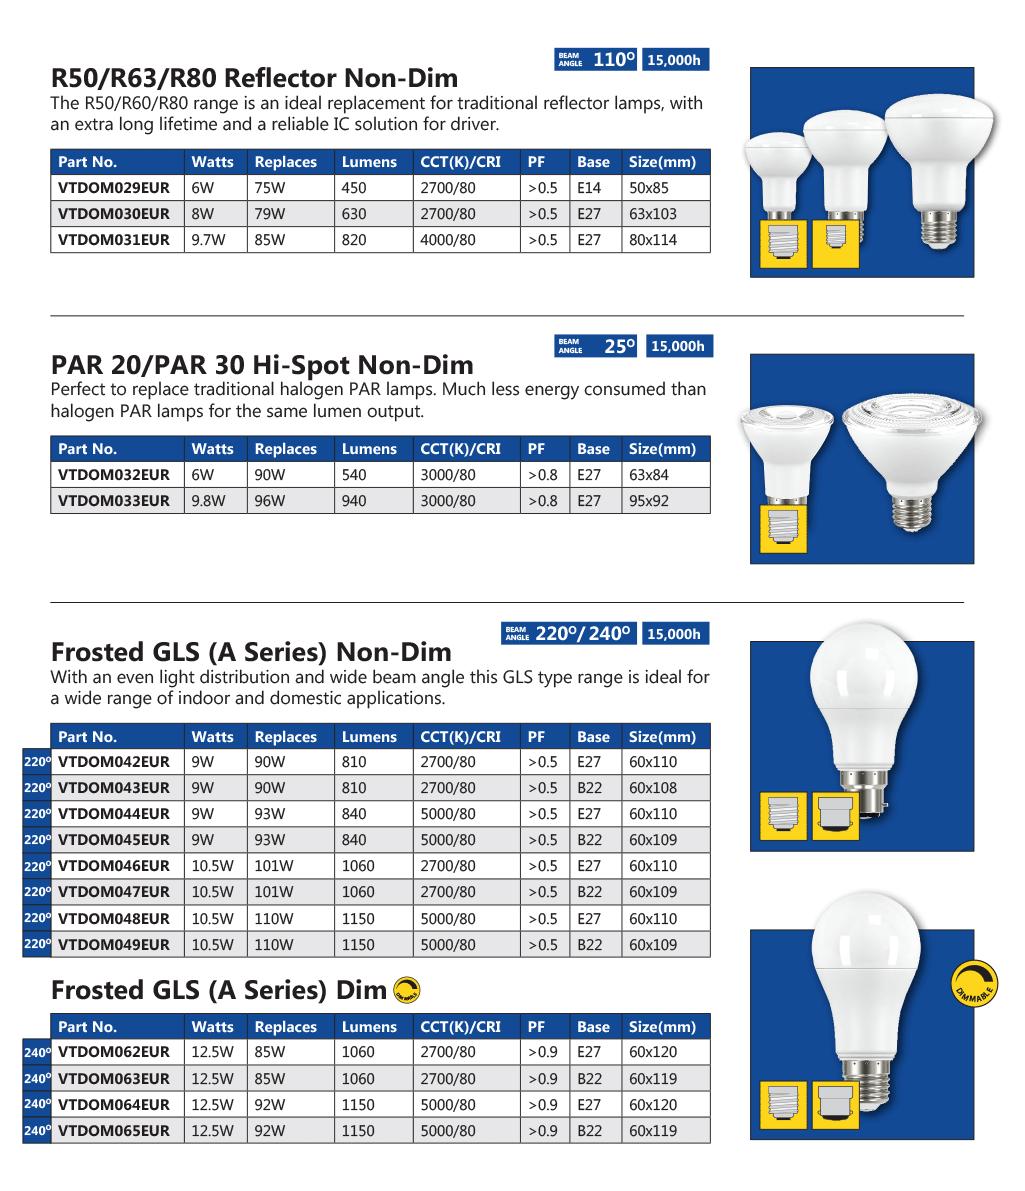 Venture Lighting Par 20 / Par 30 and GLS Type LED Lamps